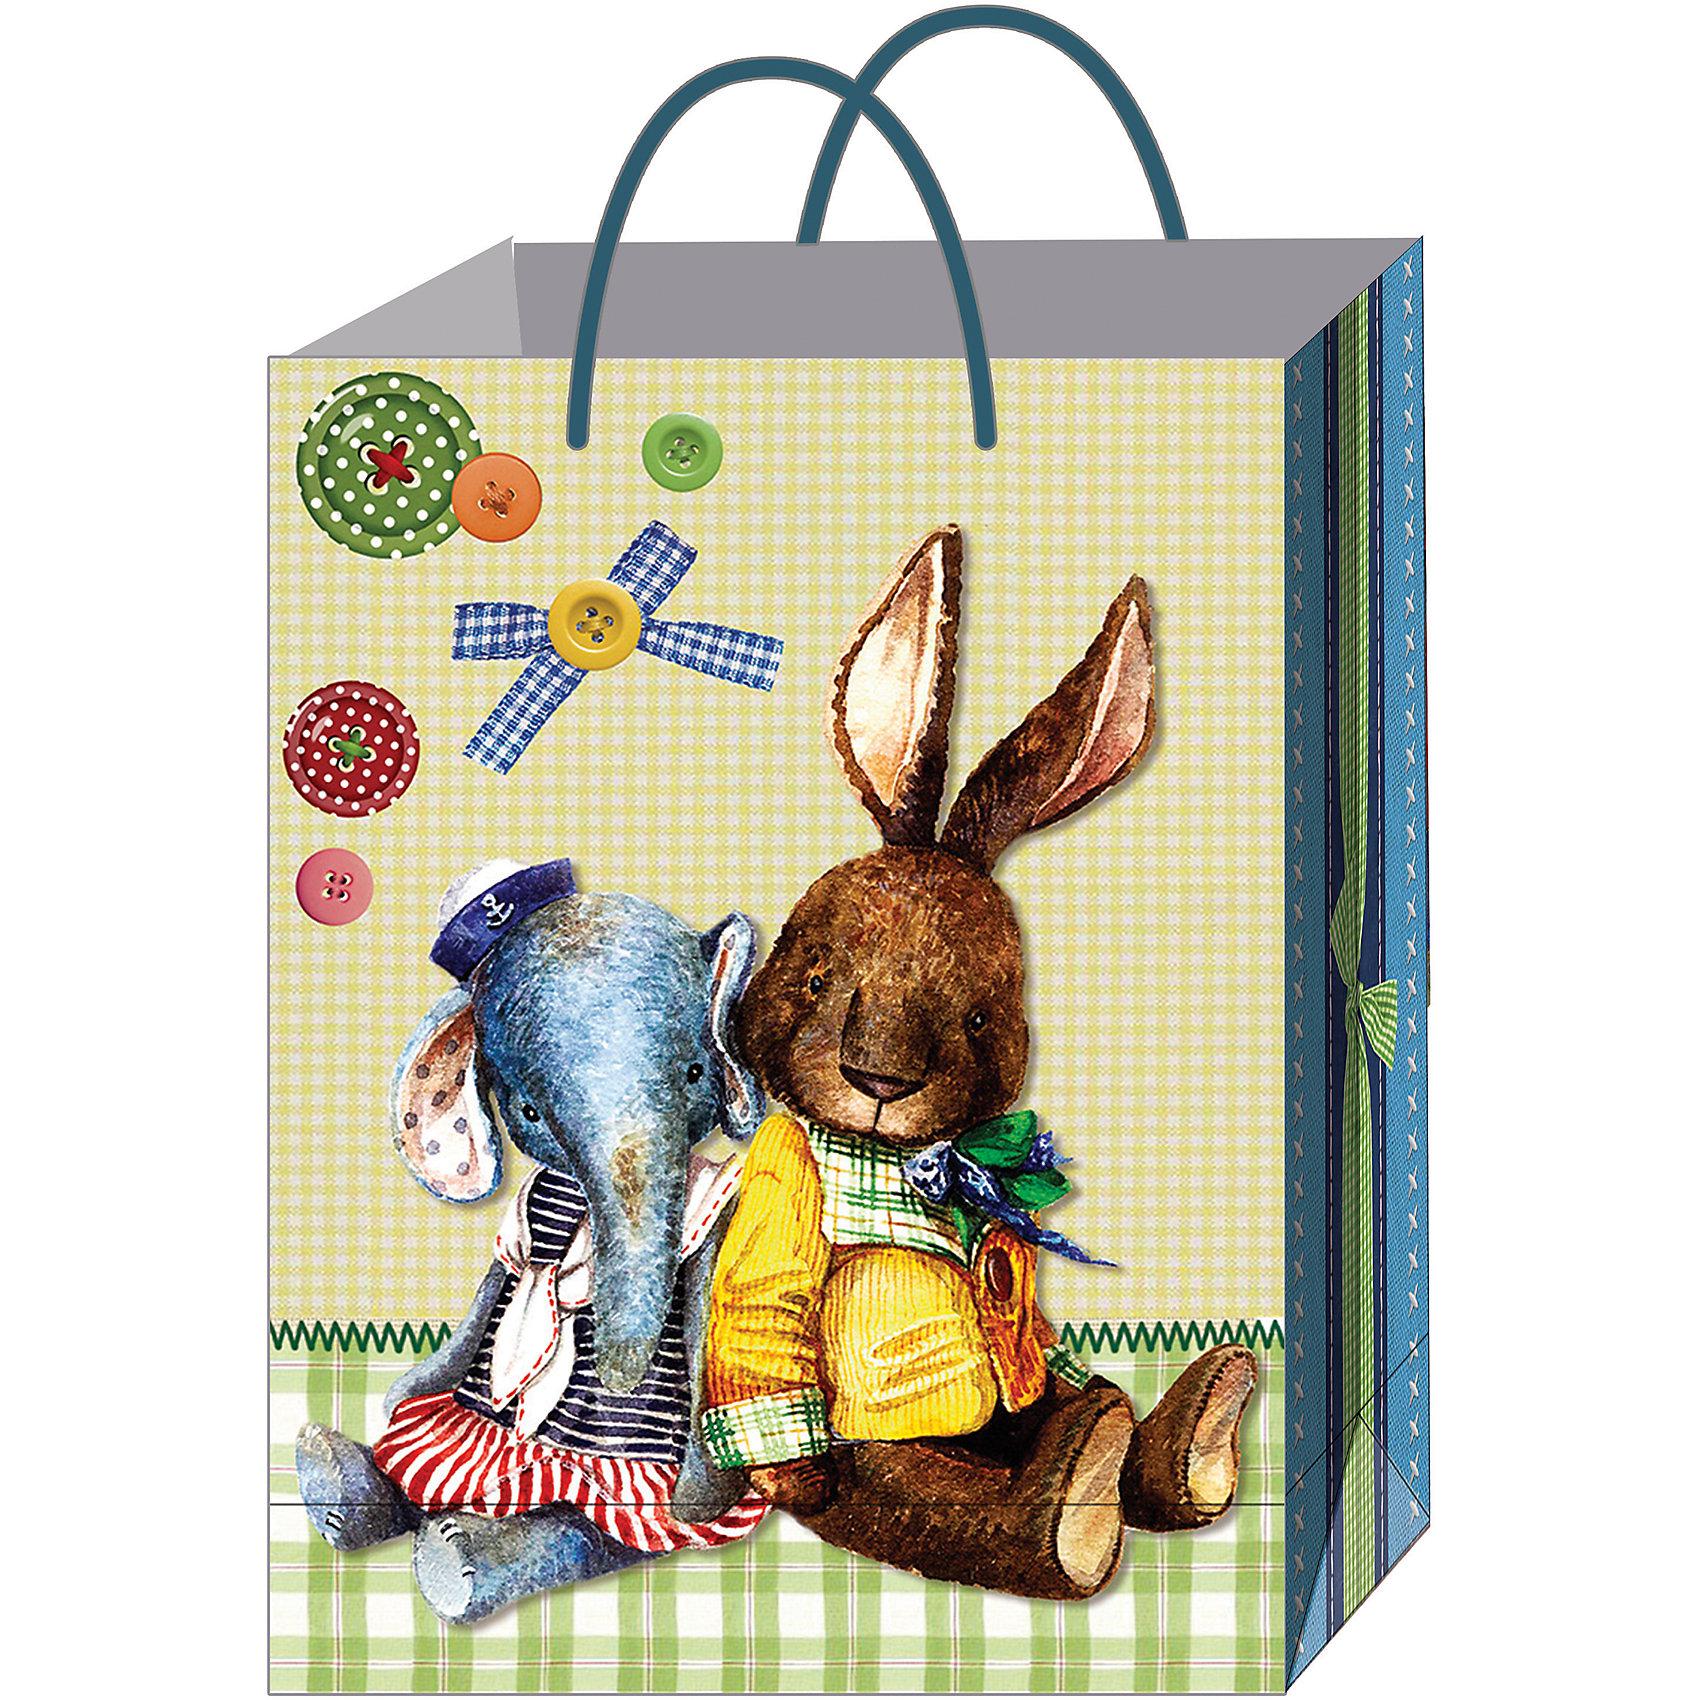 Феникс-Презент Подарочный пакет Любимые игрушки 48,3*17,8*63 см феникс презент подарочный пакет лимоны 26 32 4 12 7 см